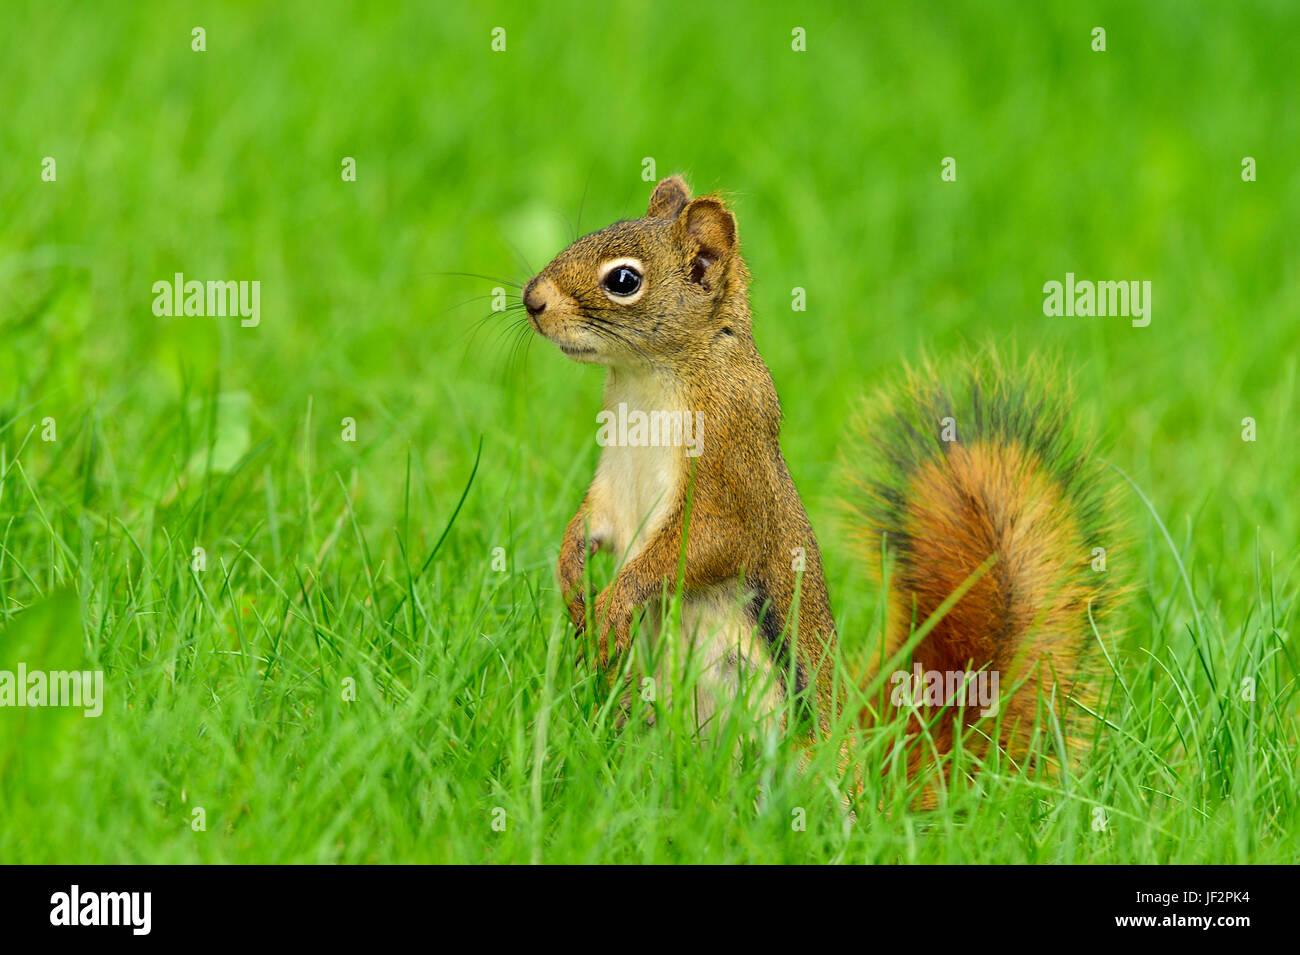 Uno scoiattolo rosso Tamiasciurus hudsonicus; in piedi sul suo piede posteriore guardando al lato nel profondo dell'erba Immagini Stock